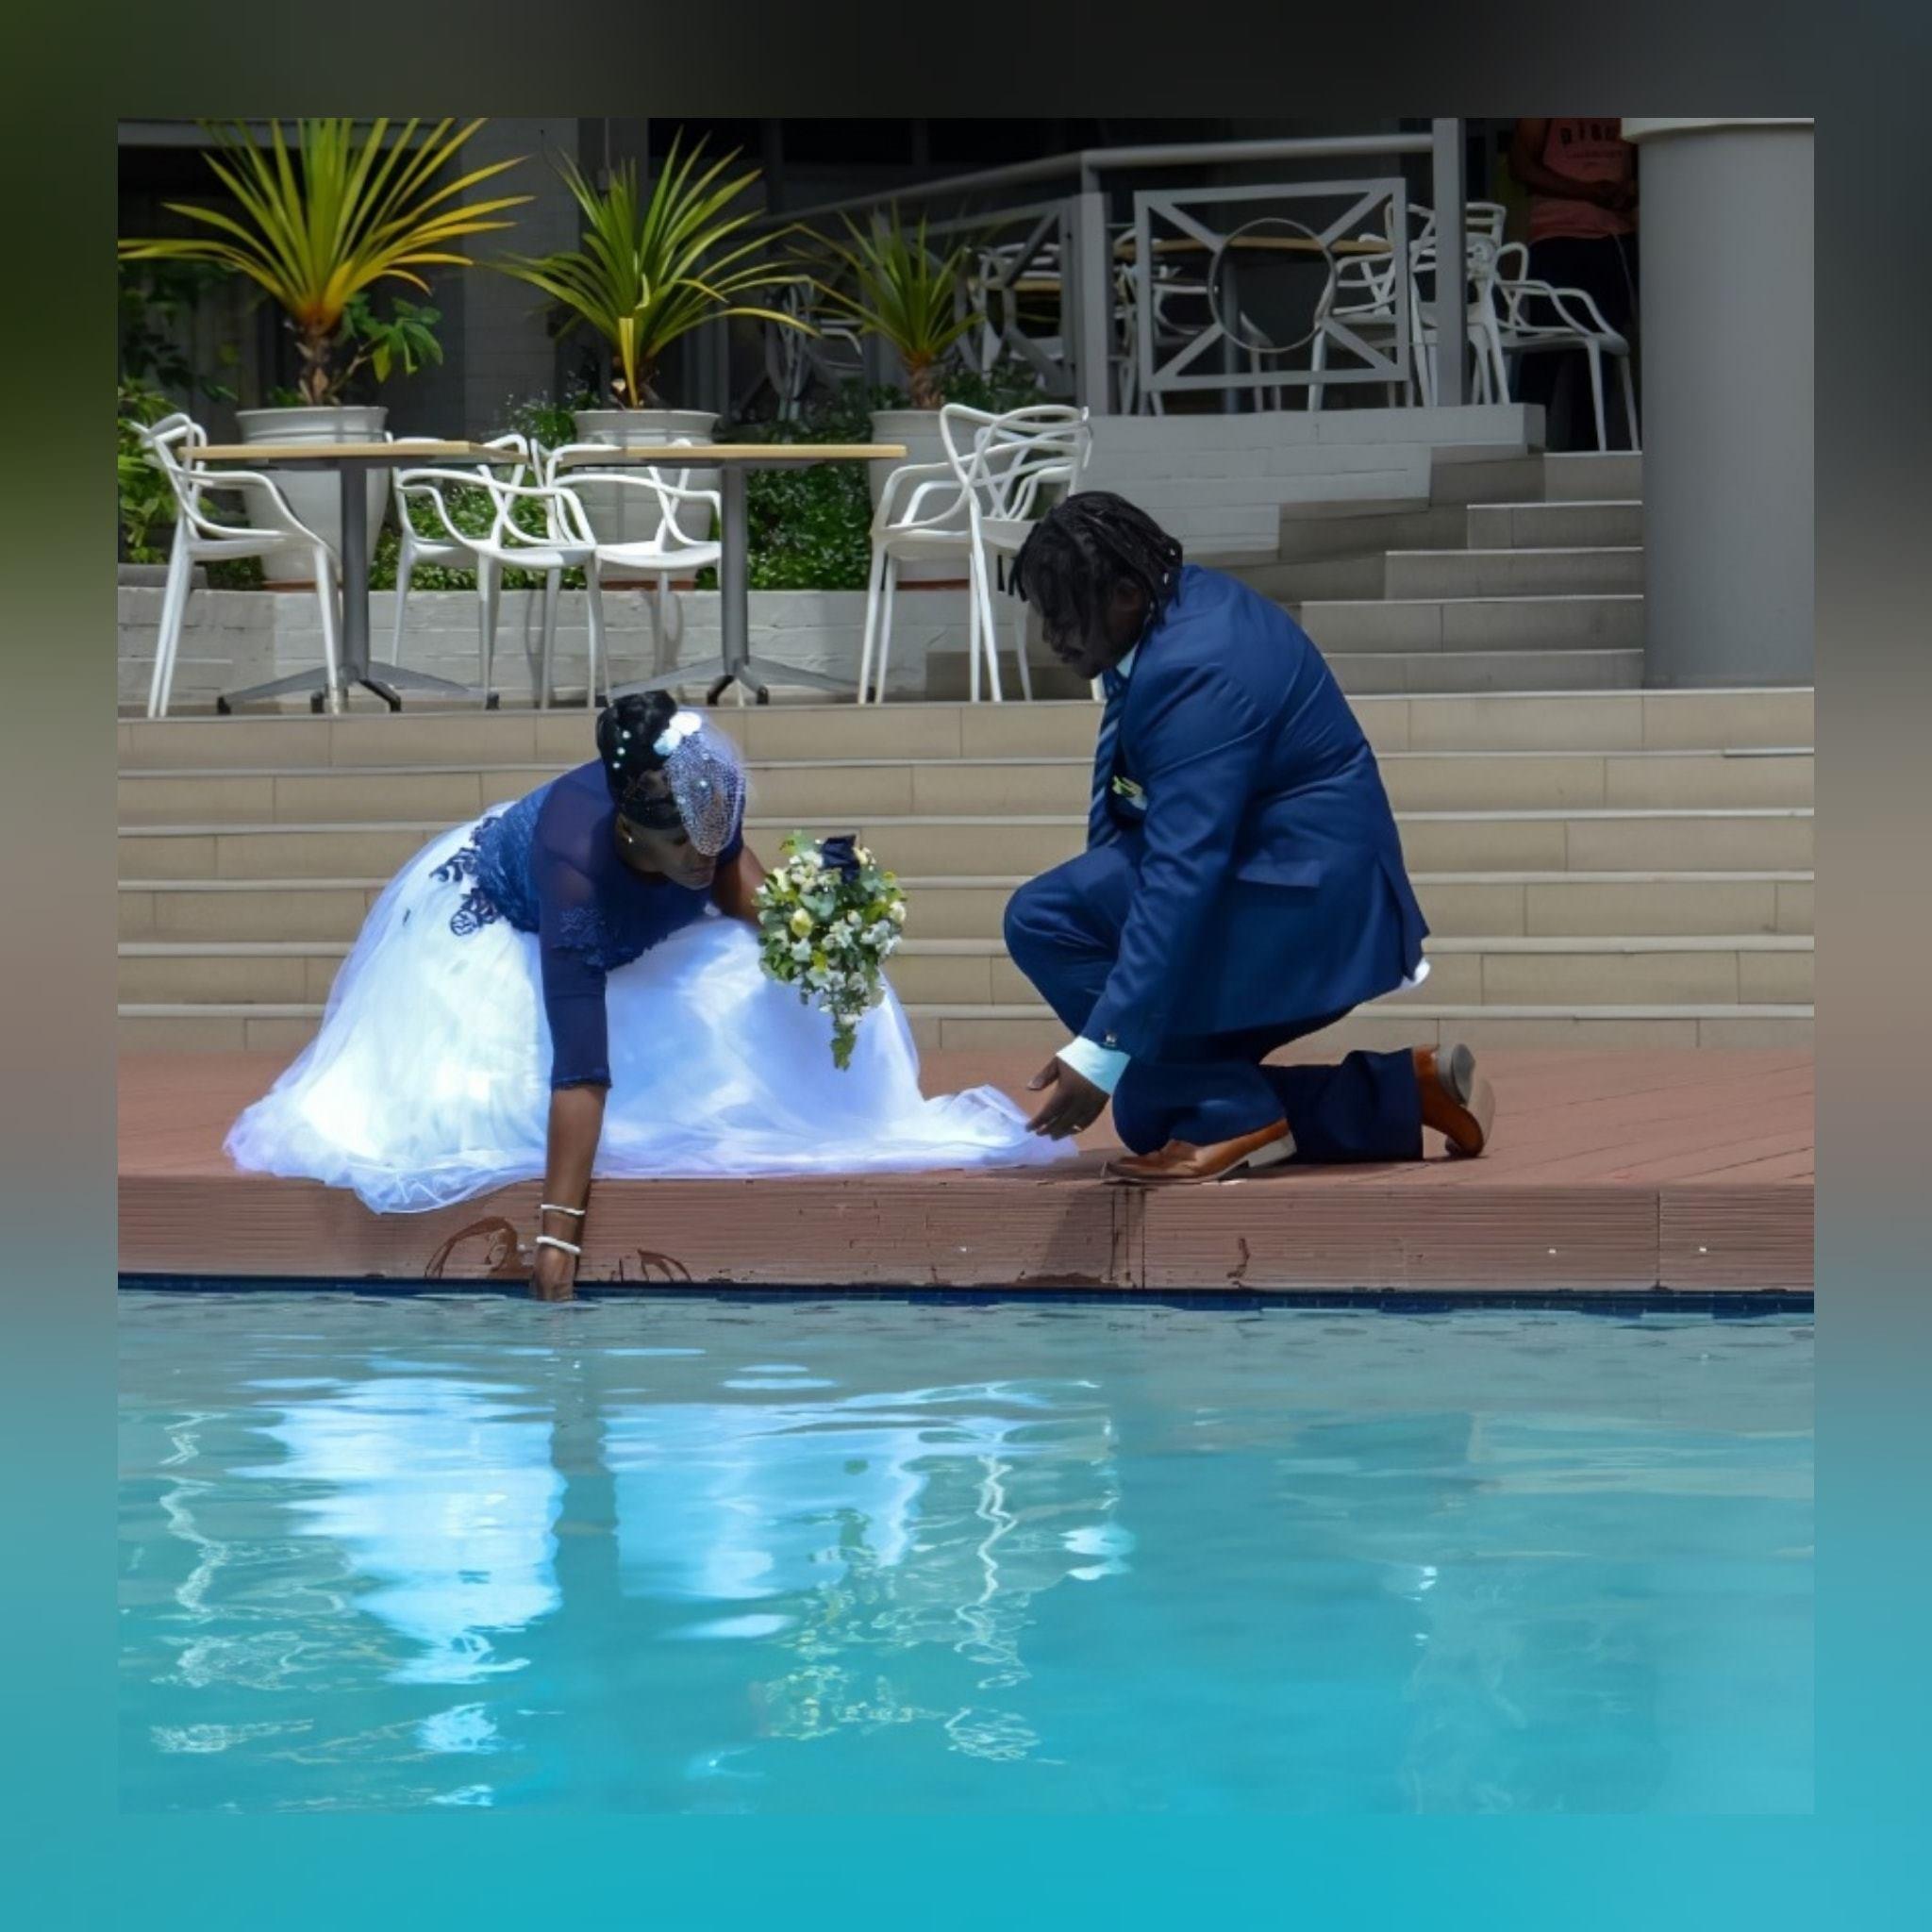 Vestido de noiva tradicional africano moderno 7 vestido de noiva tradicional africano moderno criado para o dia especial da minha cliente. Com corpete tradicional em estampado azul detalhado com rendas, miçangas e pérolas. Fundo em tule branco com um toque de detalhe de renda azul. Com decote de ilusão e mangas. E um véu capacete vintage. #vestidodecasamento #casamentotradicional #tradiçãoafricana #noivatradicional #vestidodenoivaafricano #paixaopormoda